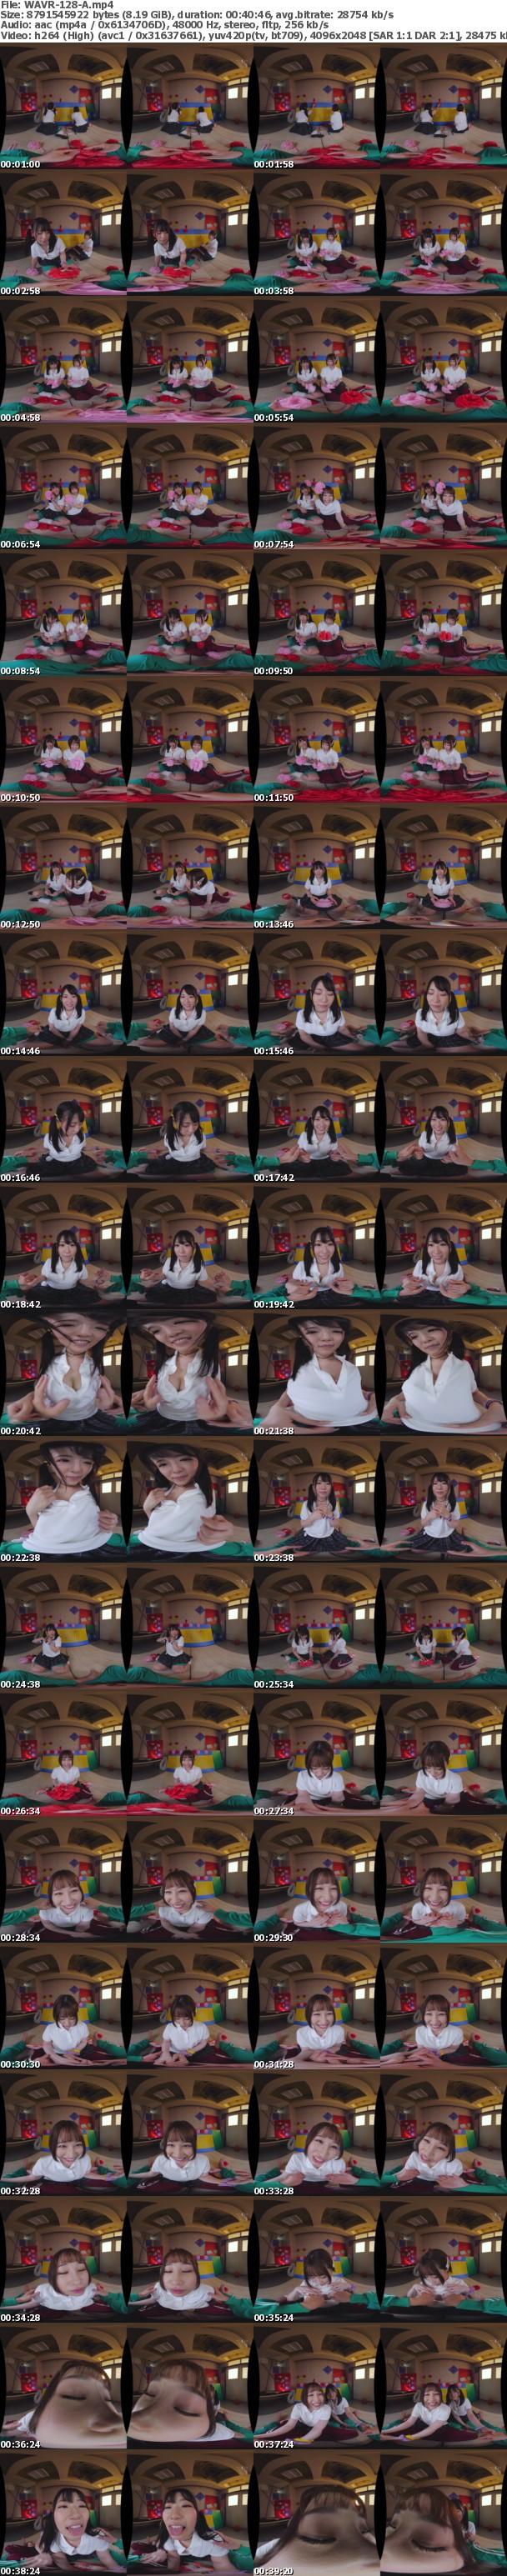 (VR) WAVR-128 どっちとエッチしたい!? 超学園天国ハーレム3PVR 文化祭の準備中に女のコから同時に告白!!どっちか選べないボクはその場で両方ハメハメ